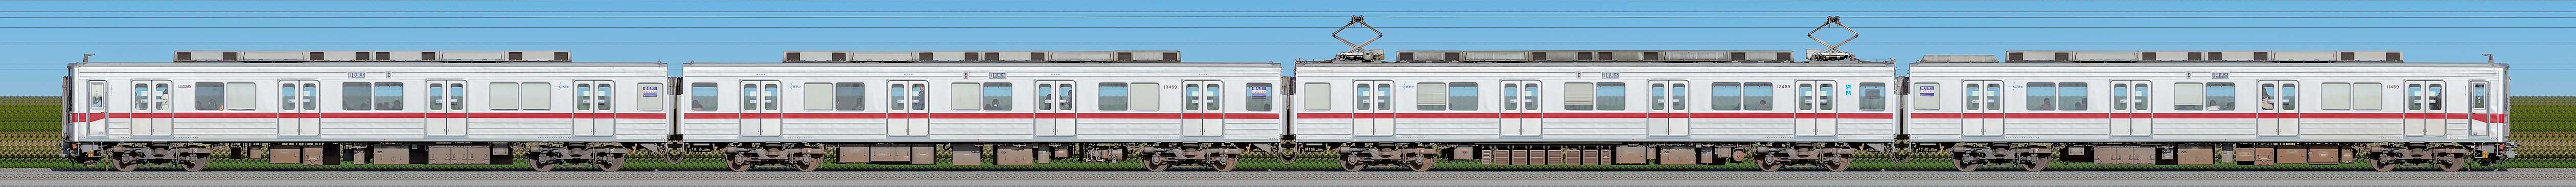 東武鉄道10030型11459編成(山側)の編成サイドビュー